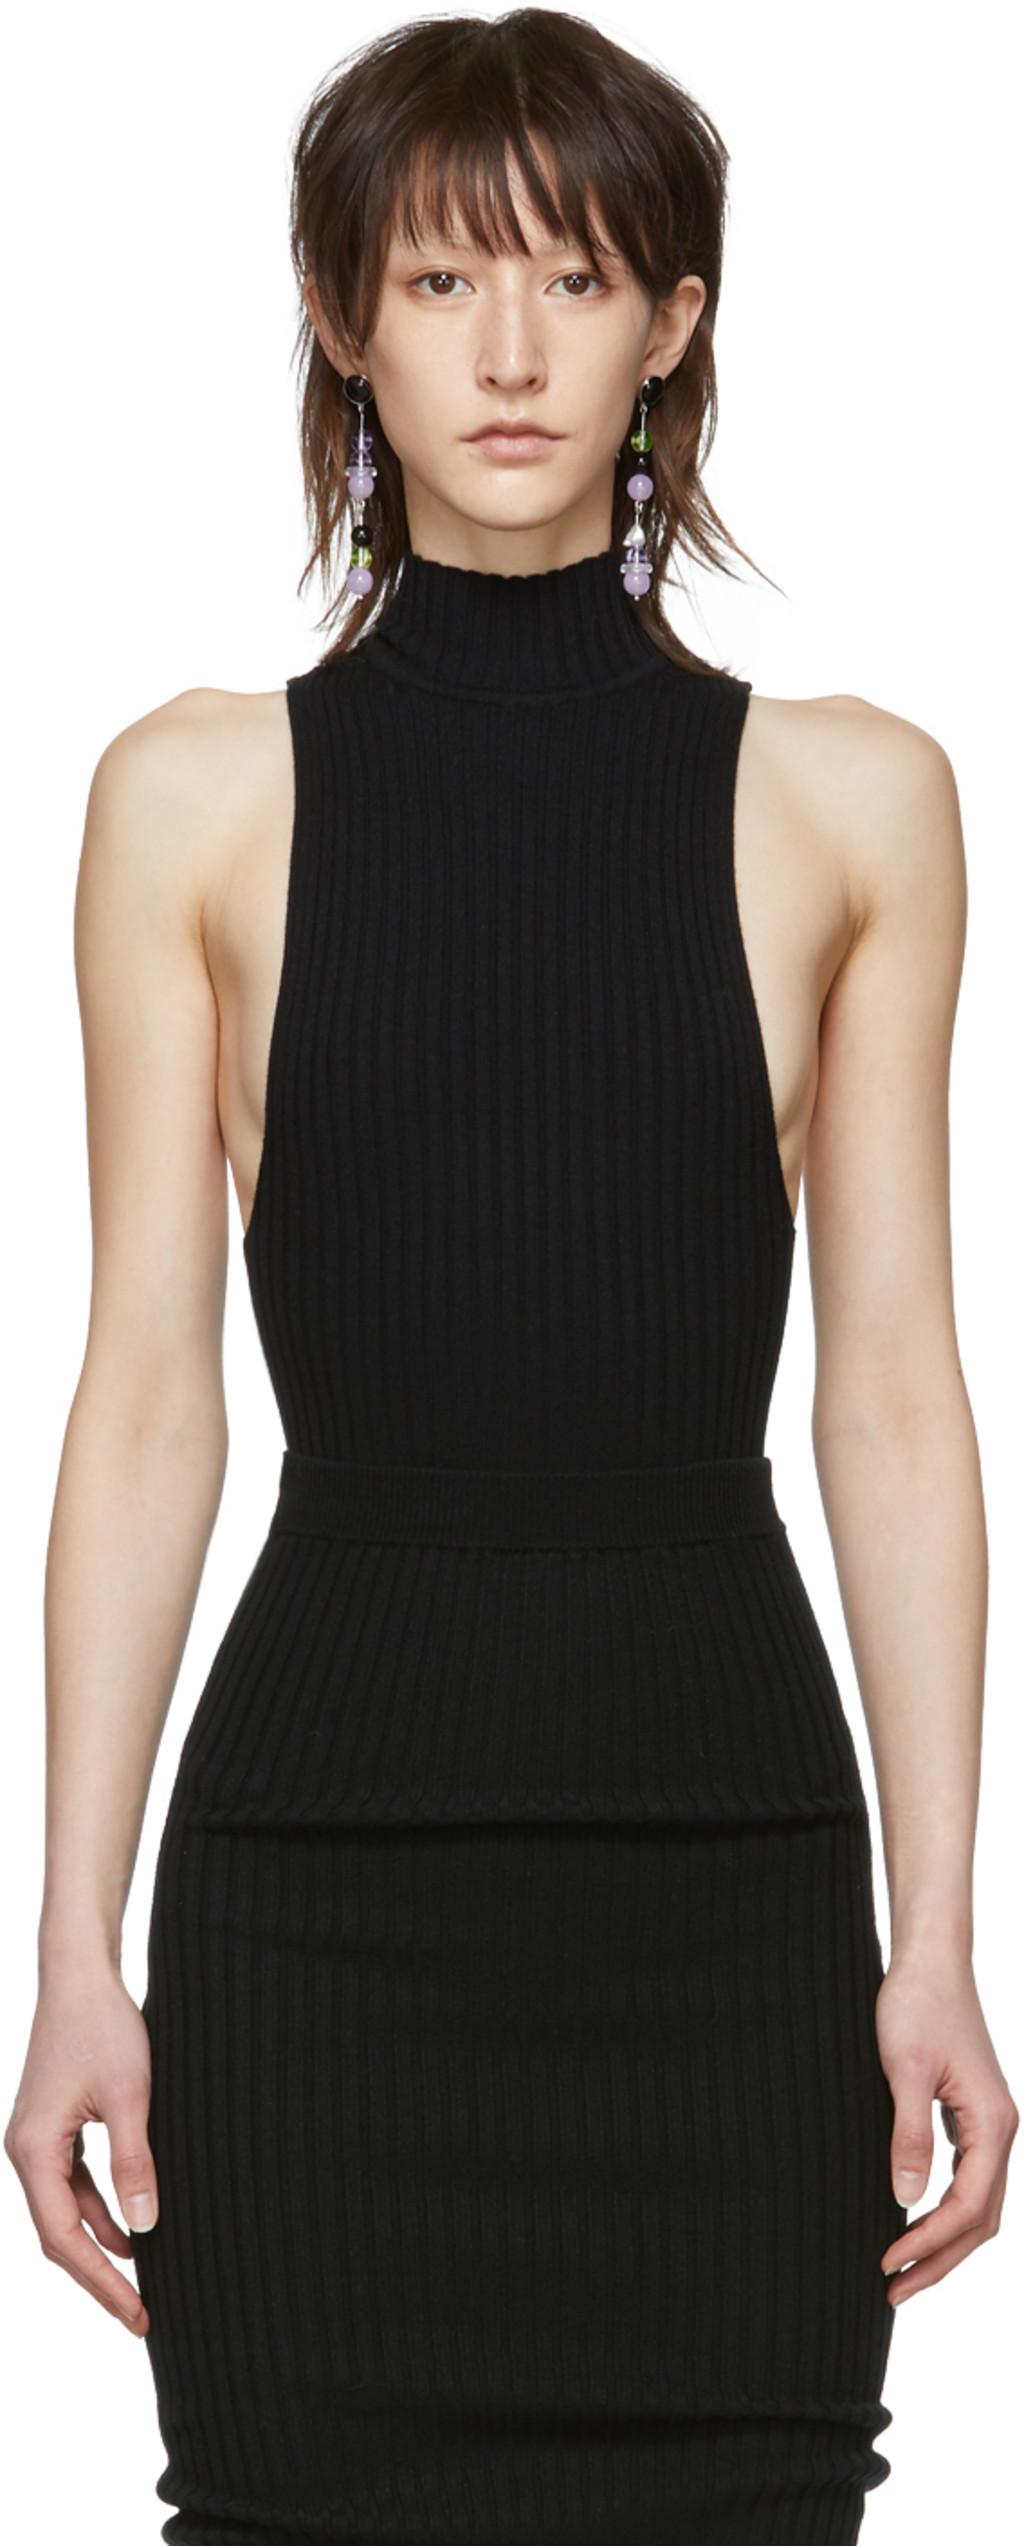 8983e1f246 Designer bodysuits for Women